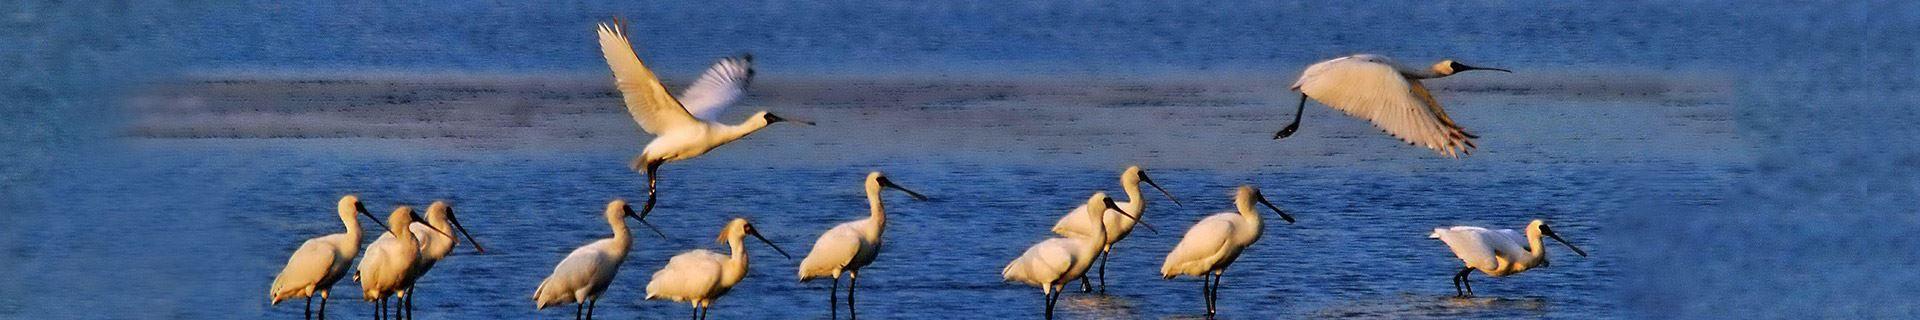 Zengwen Estuary Wetland